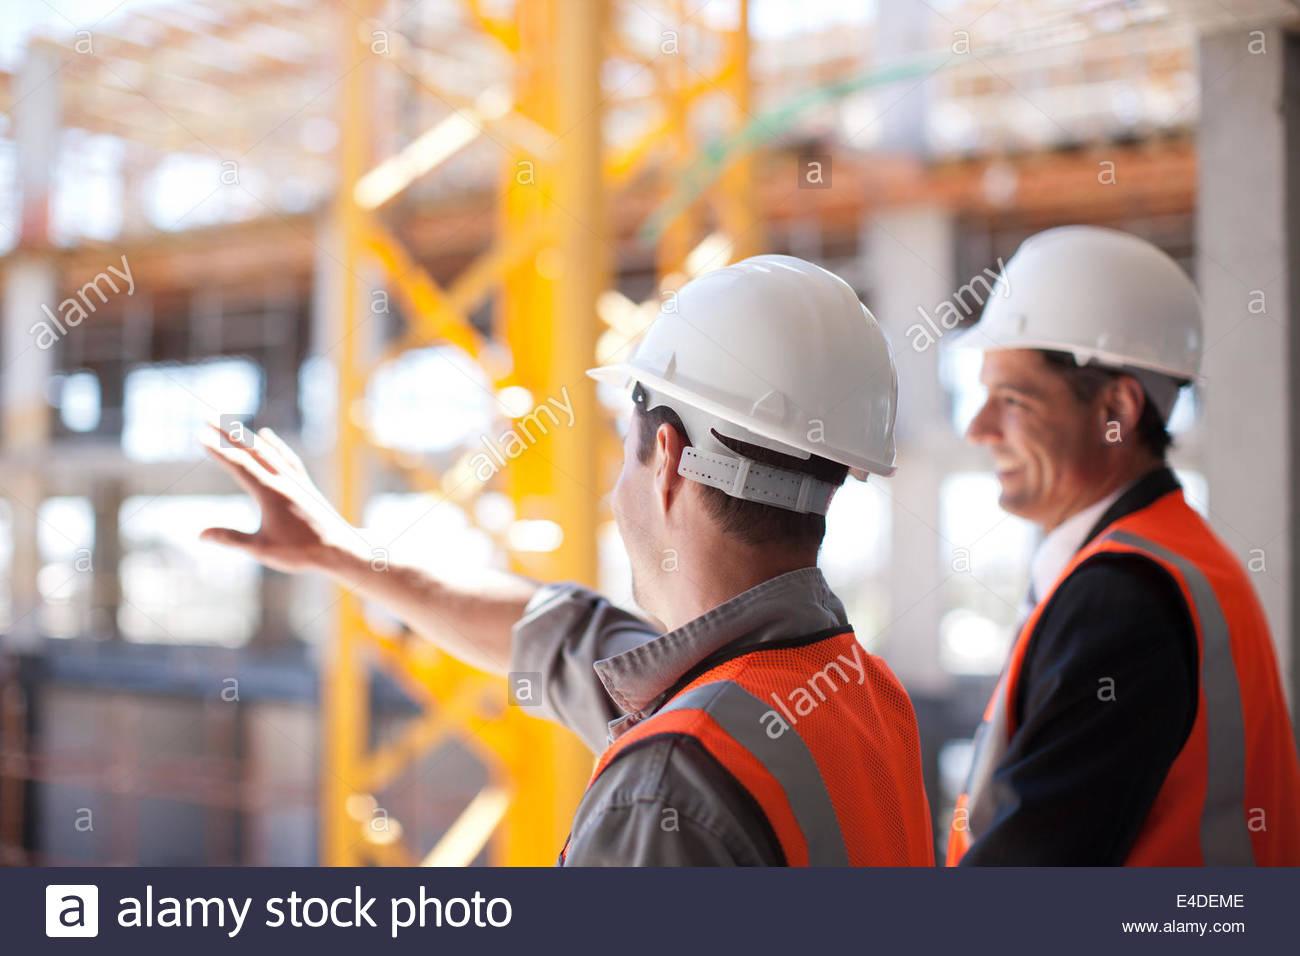 Les travailleurs de la construction working on construction site Photo Stock